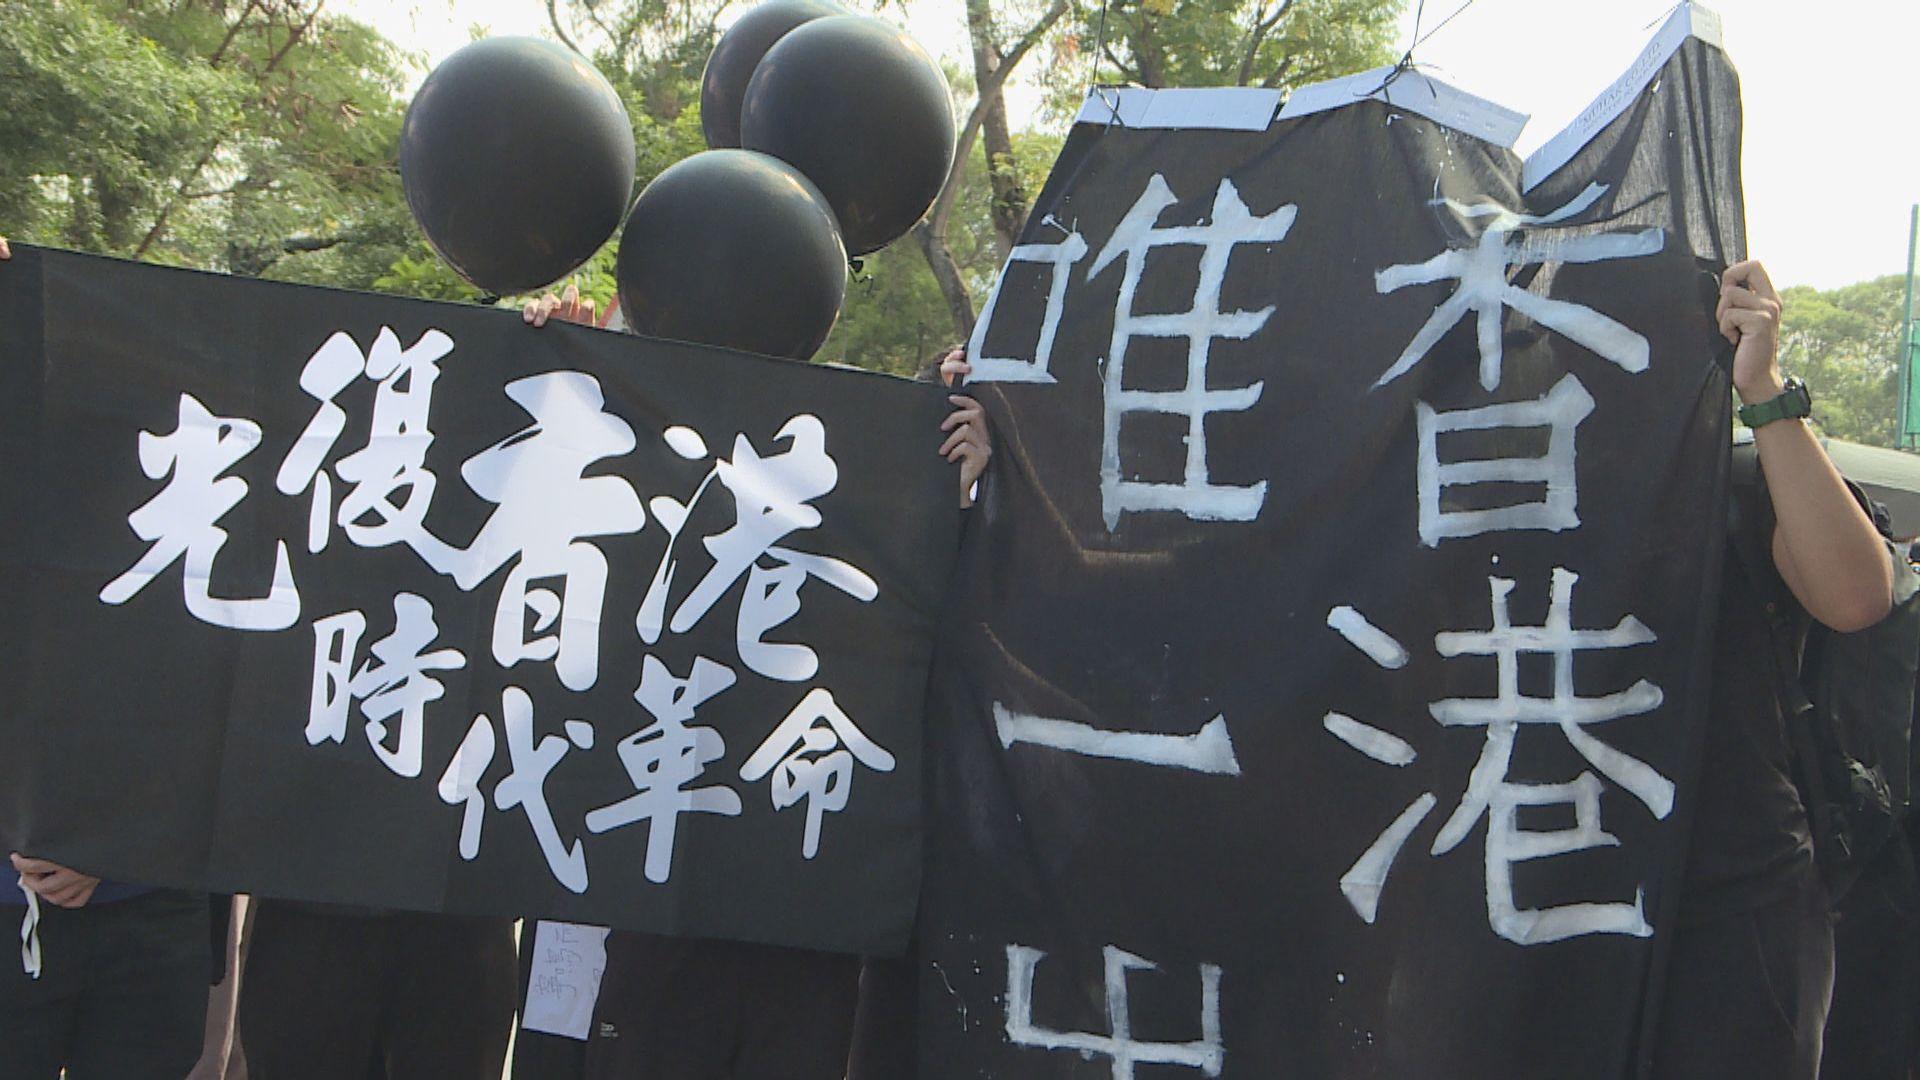 8人涉中大遊行被捕 警方:拘捕全以證據為基礎